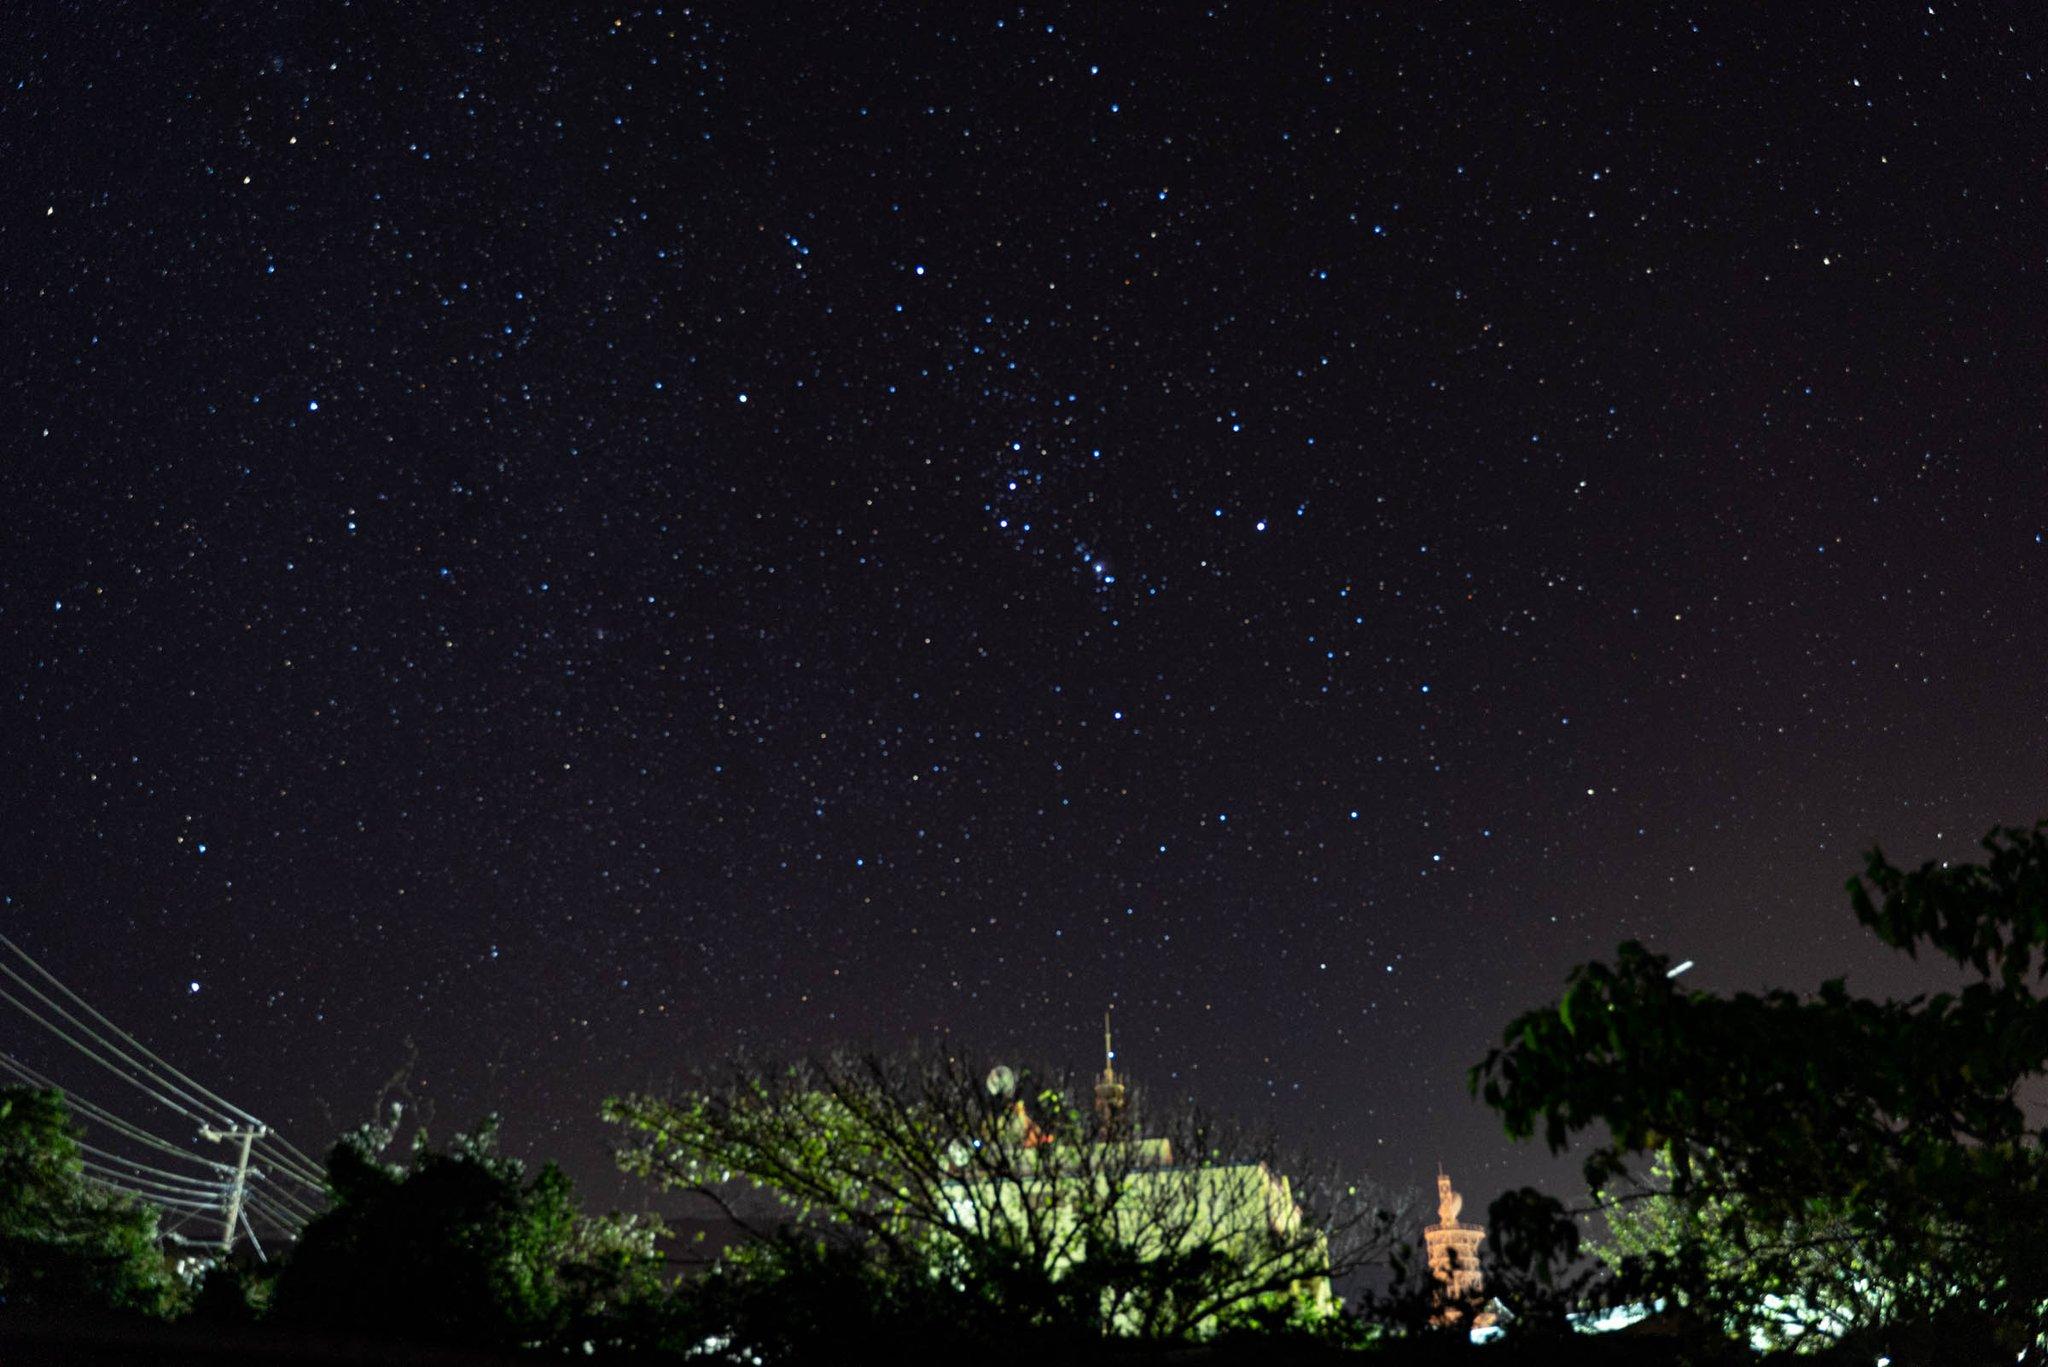 台風一過!都心でこんな澄み渡った綺麗な星空が見れるなんて